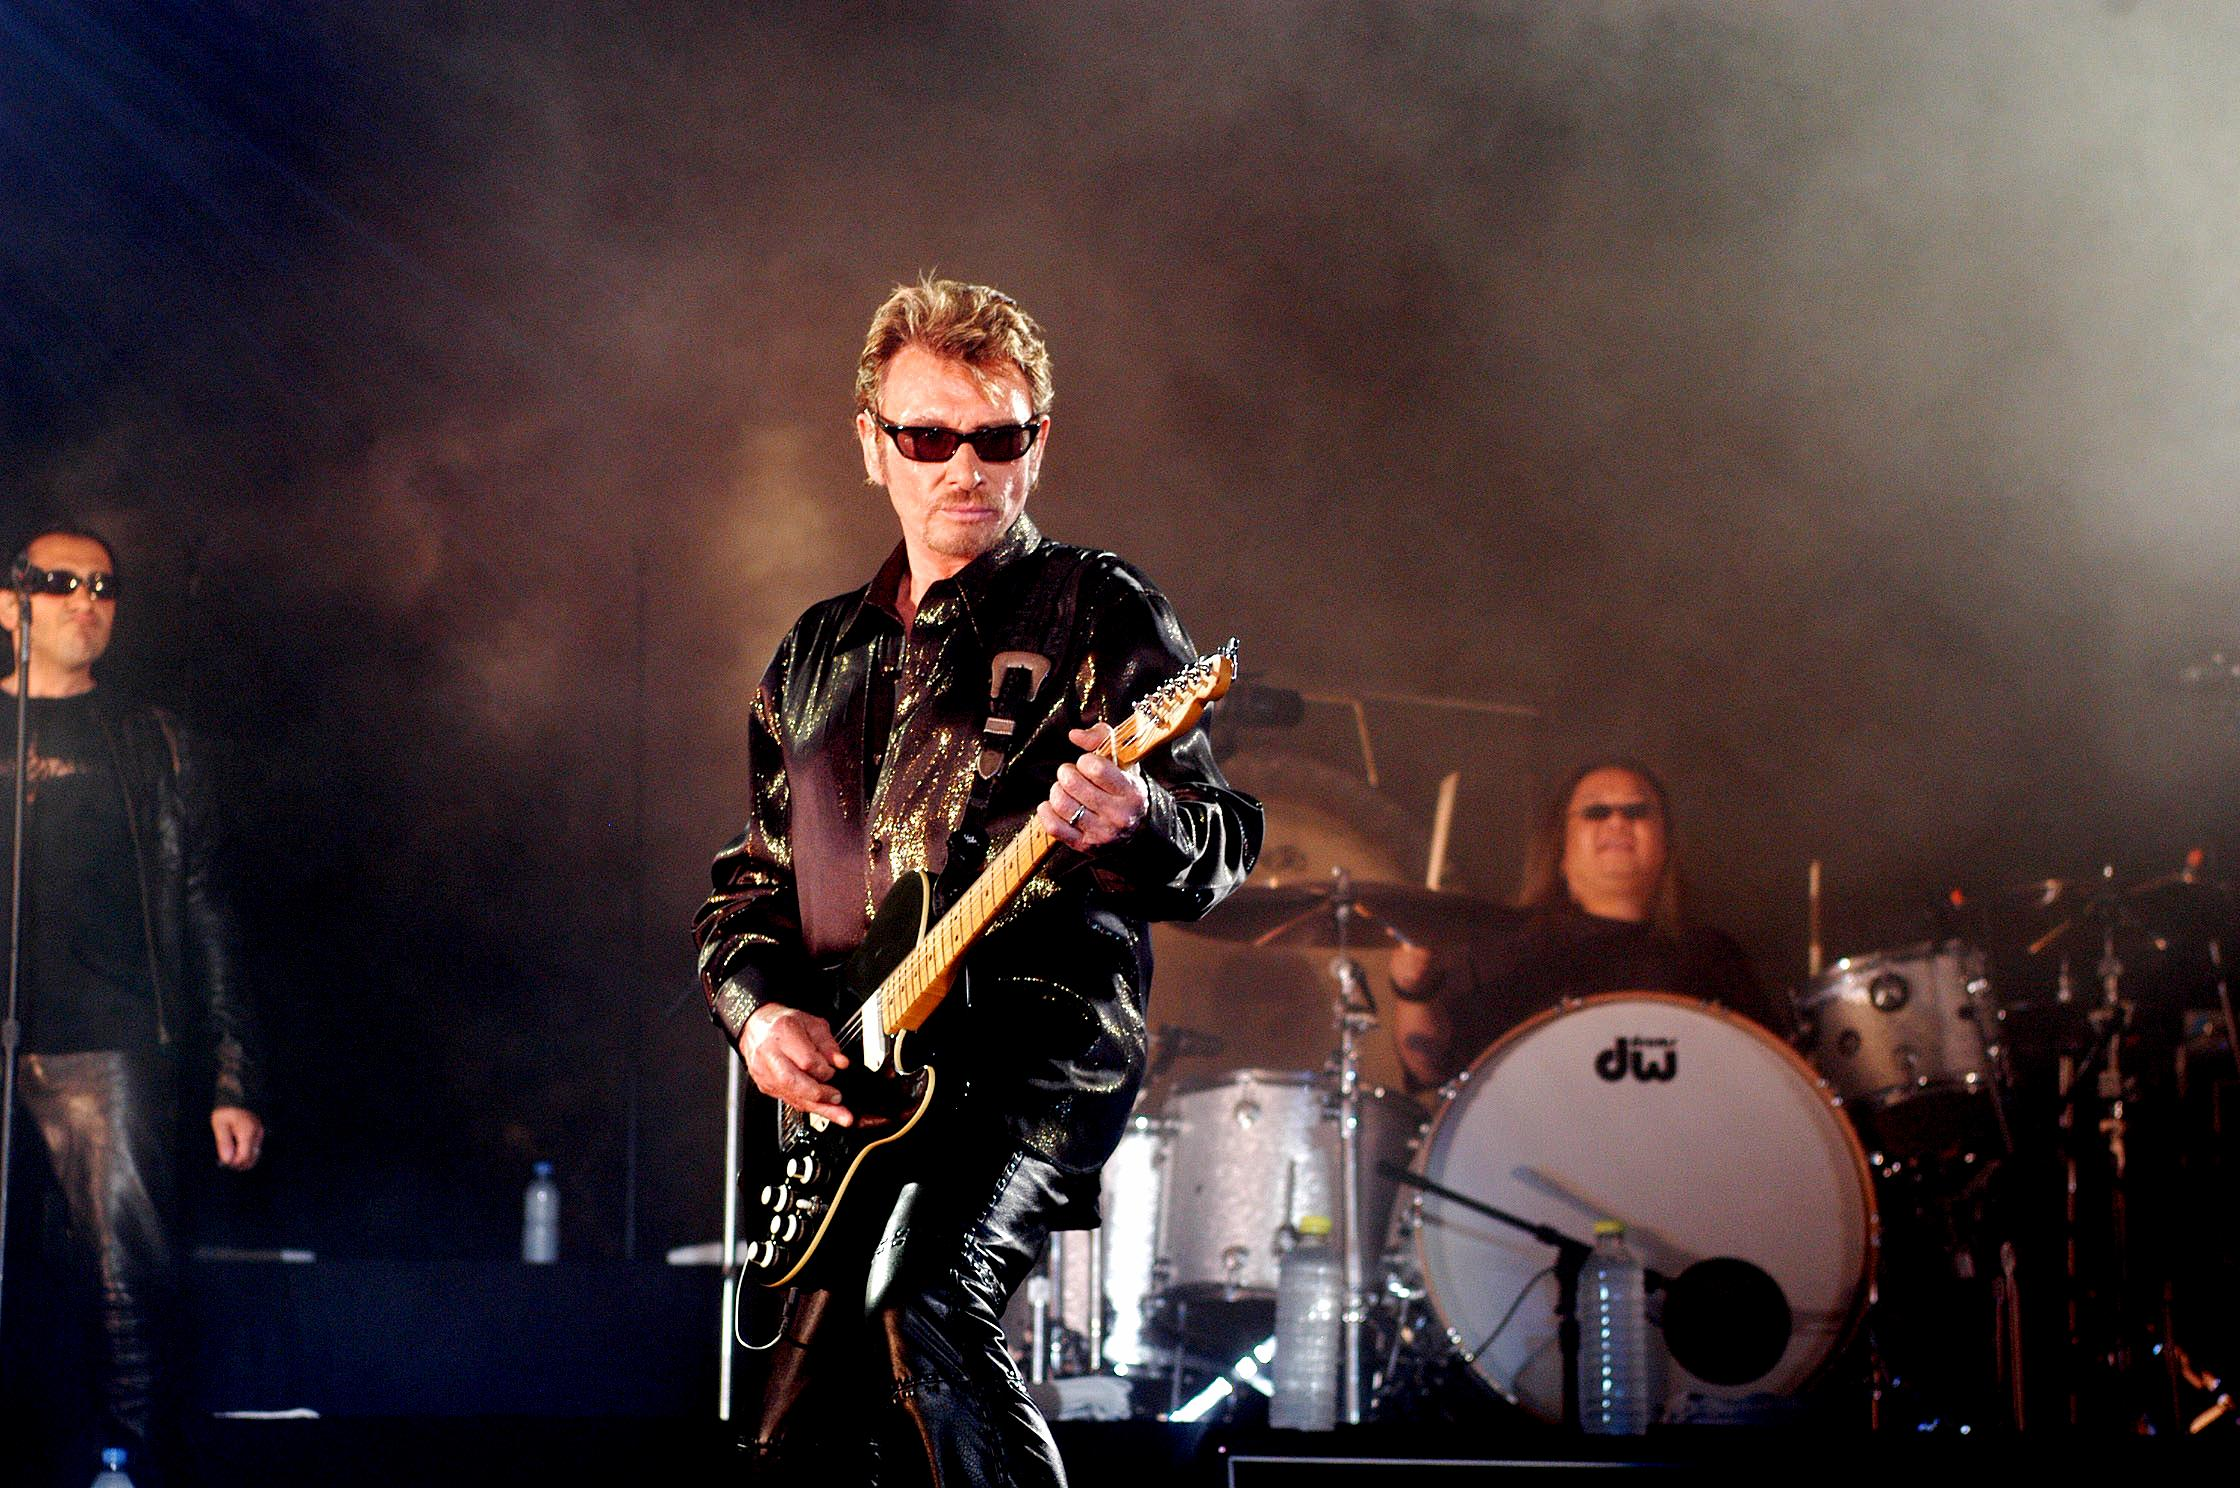 المغني جوني هاليداي  يعزف علي الجيتار